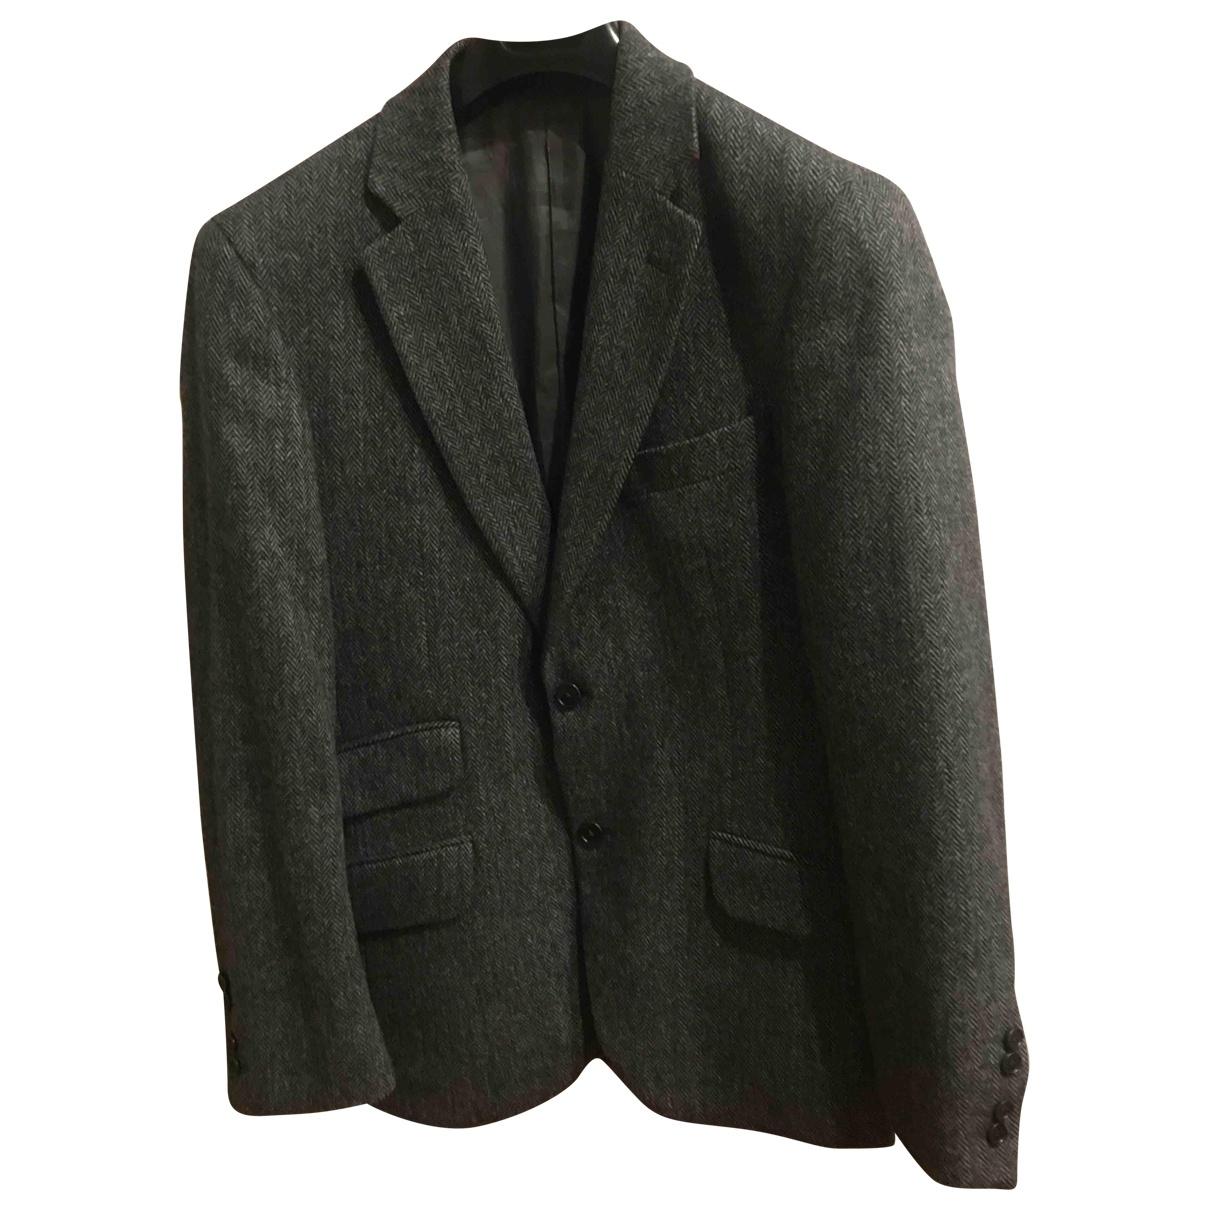 Hackett London - Vestes.Blousons   pour homme en laine - gris